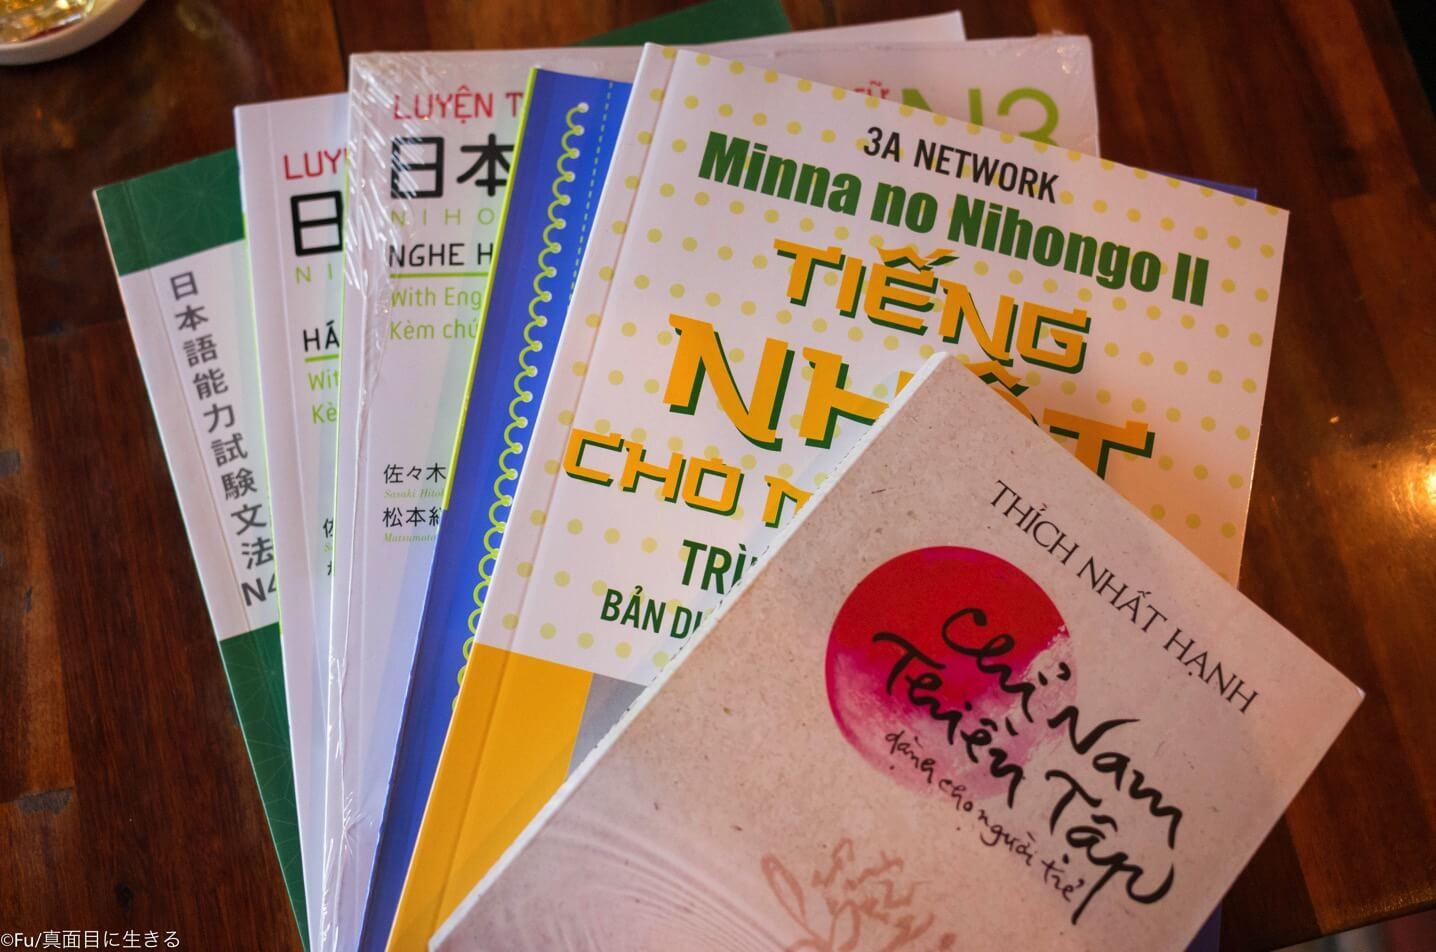 日本語の参考書を買いまくったり、牛骨ラーメンを食べた1日【ベトナム旅行日記】